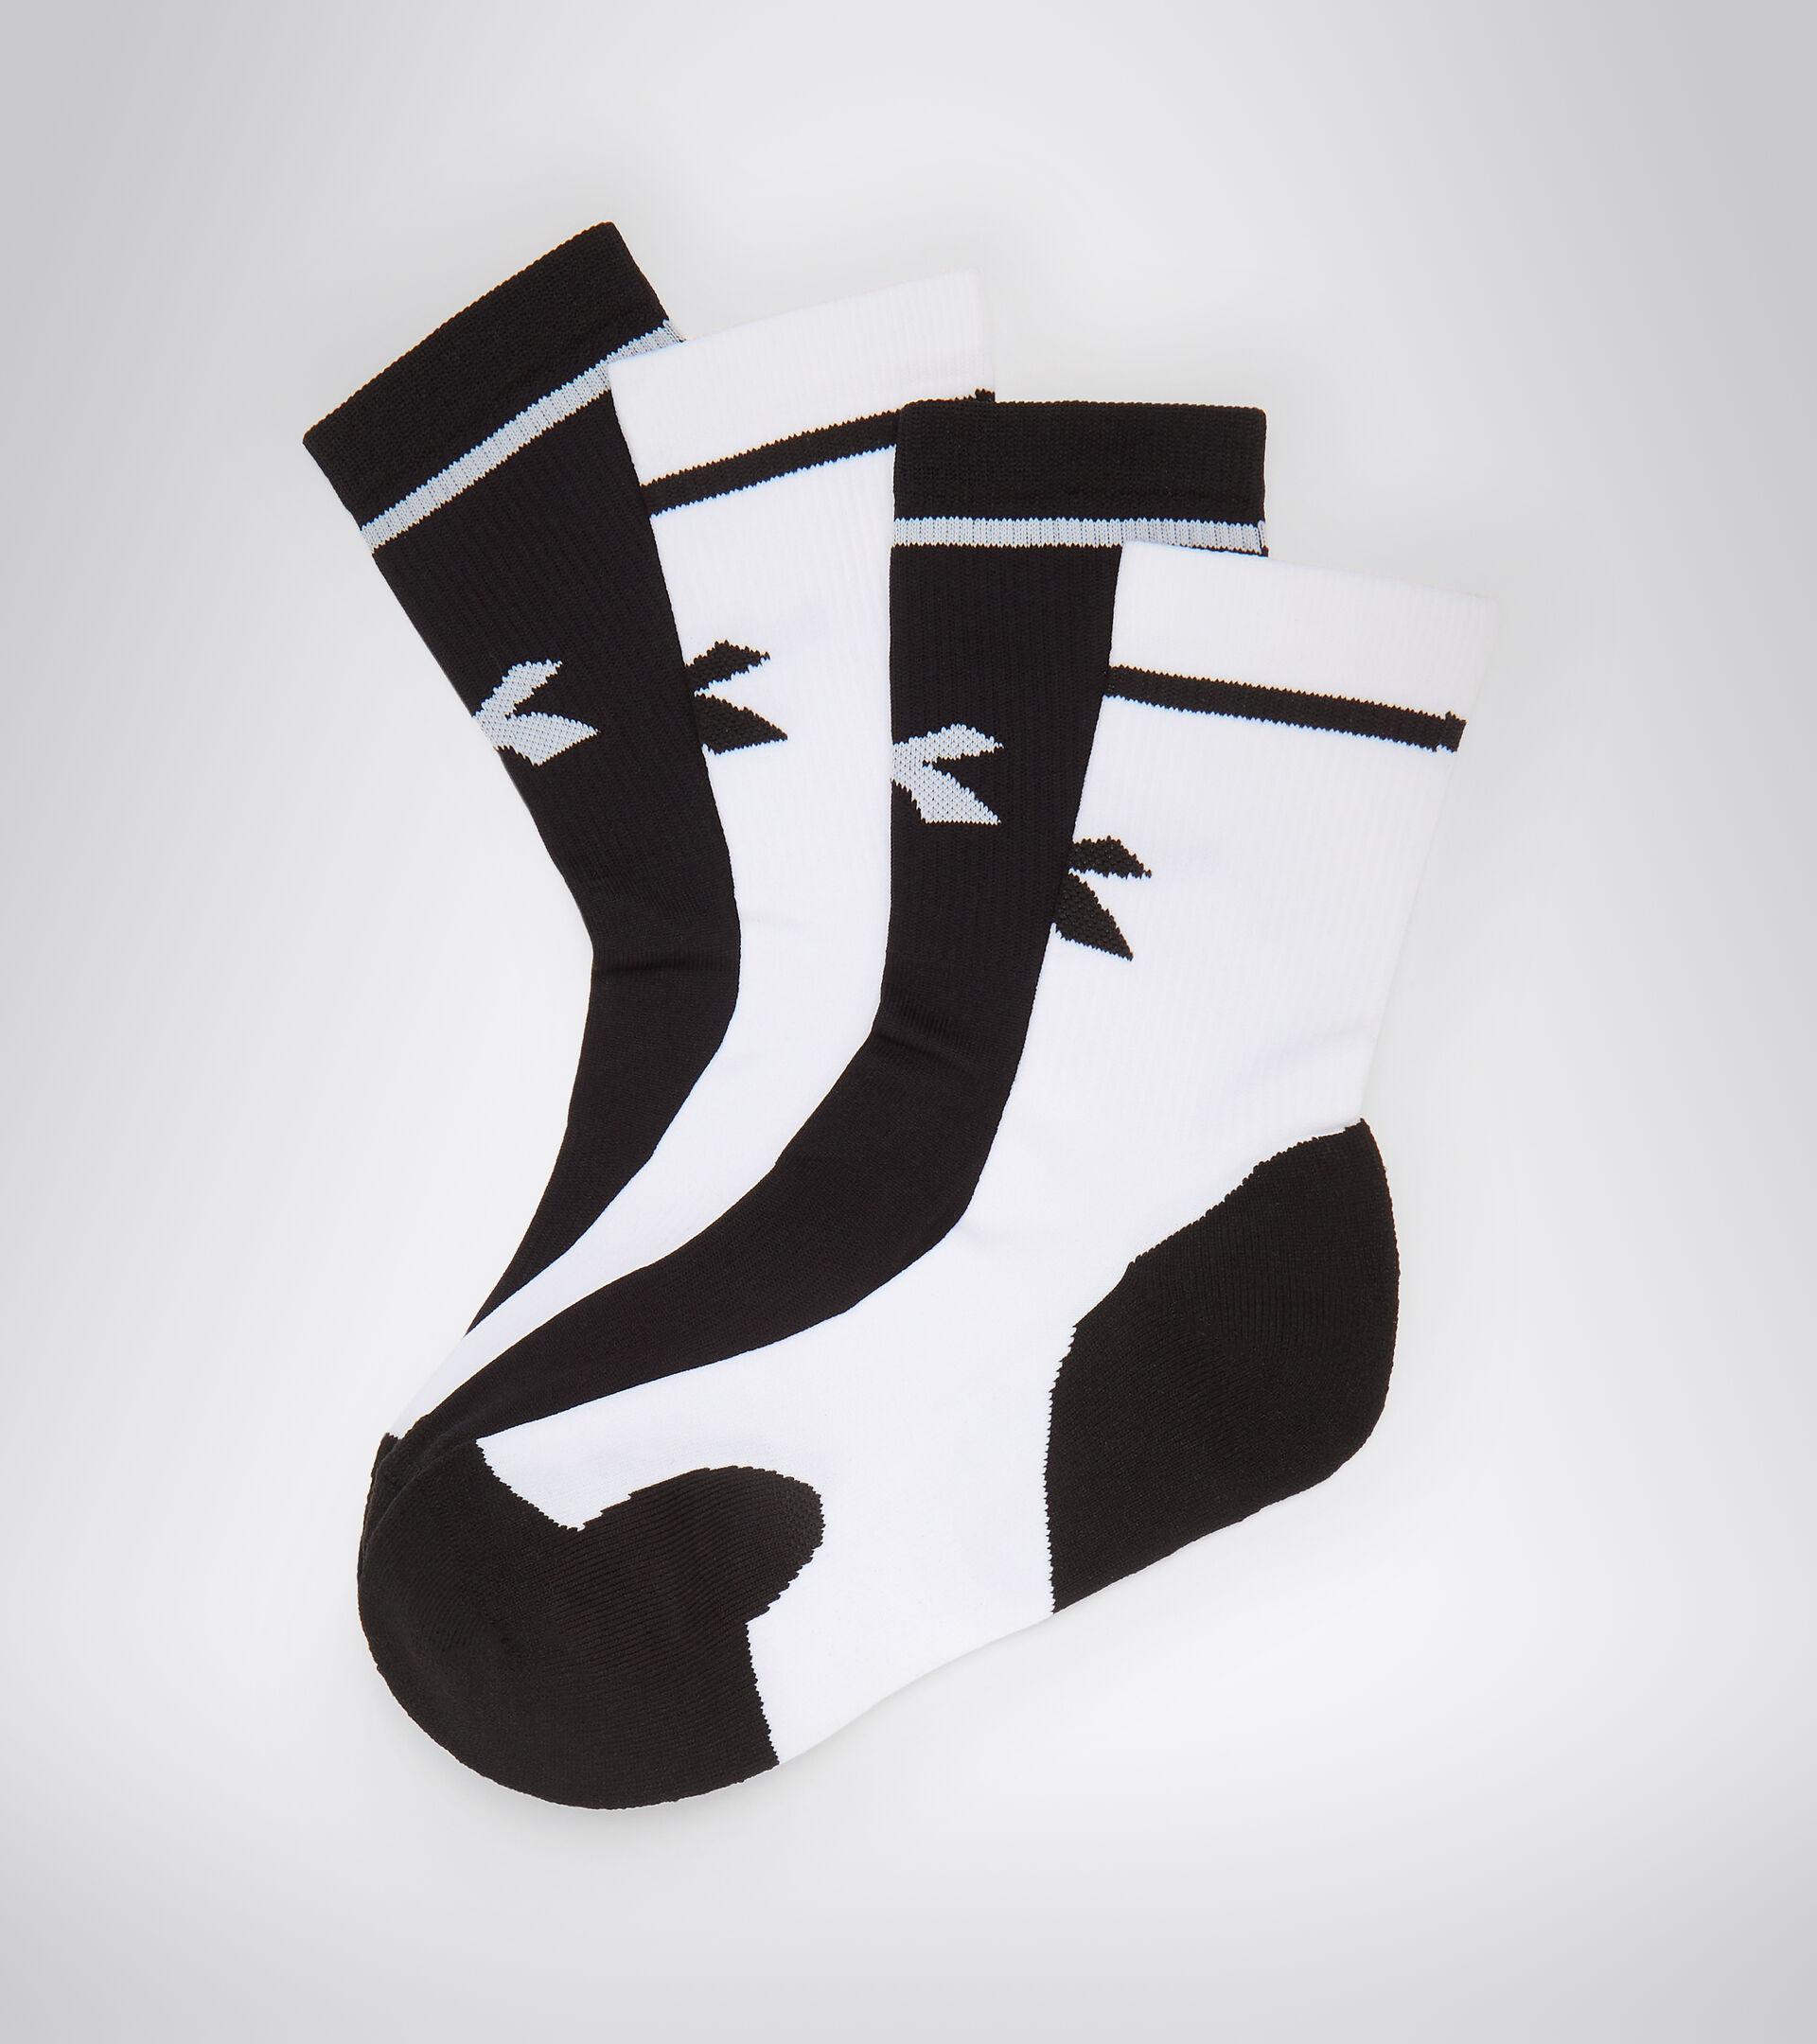 Socken - Herren SOCKS STRAHLENDE WEISS/SCHWARZ - Diadora